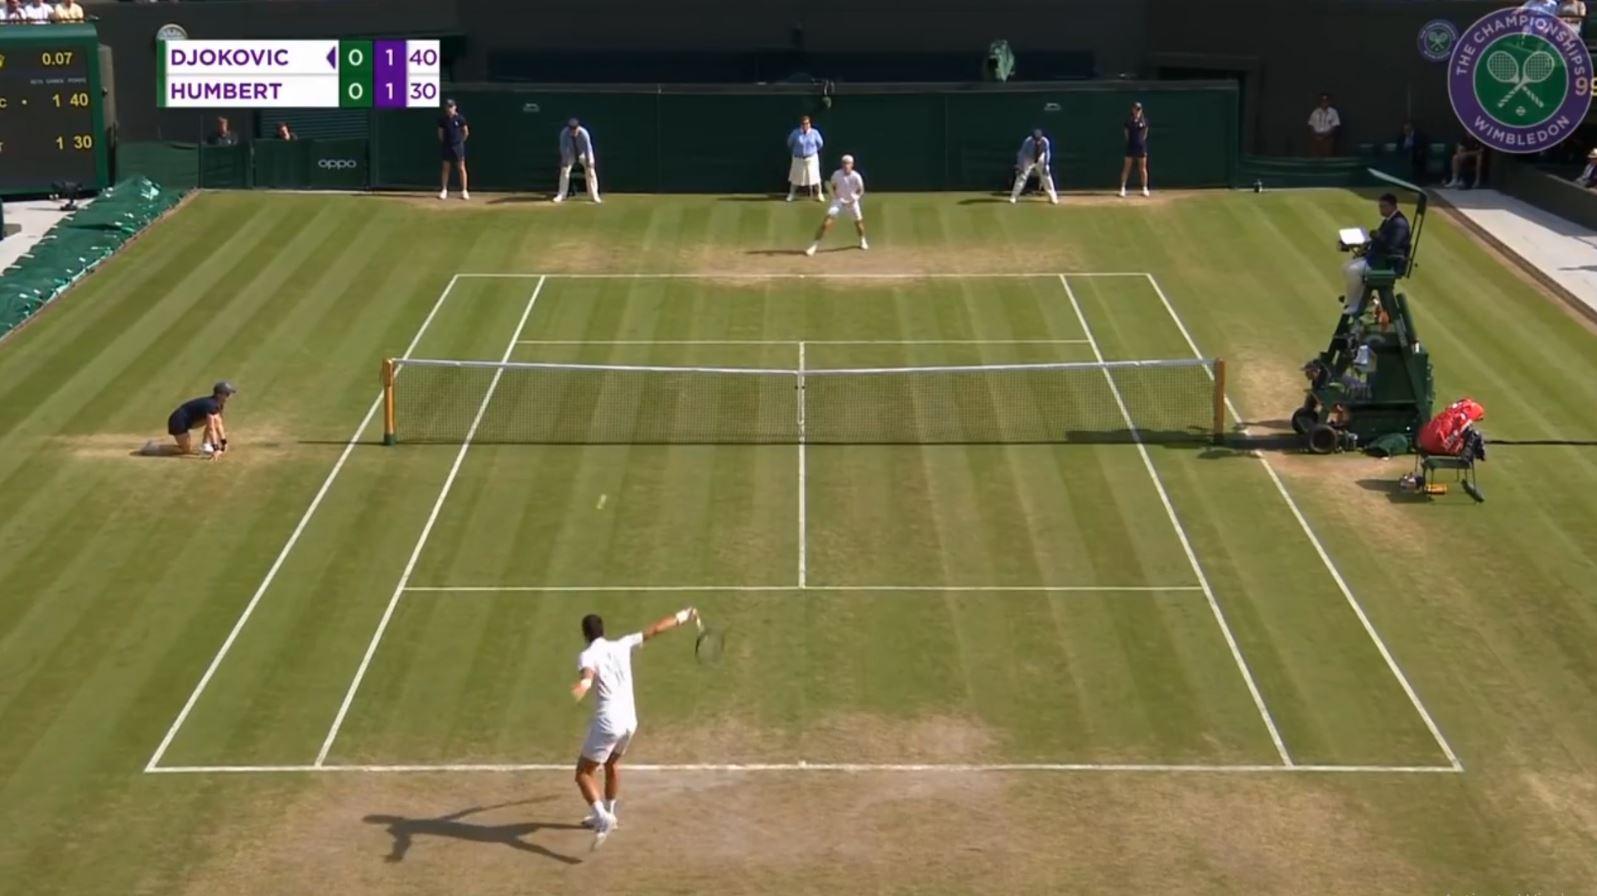 Gjokoviç, Federer e Nadal, nuk ndalen, të papritura të mëdha tek femrat